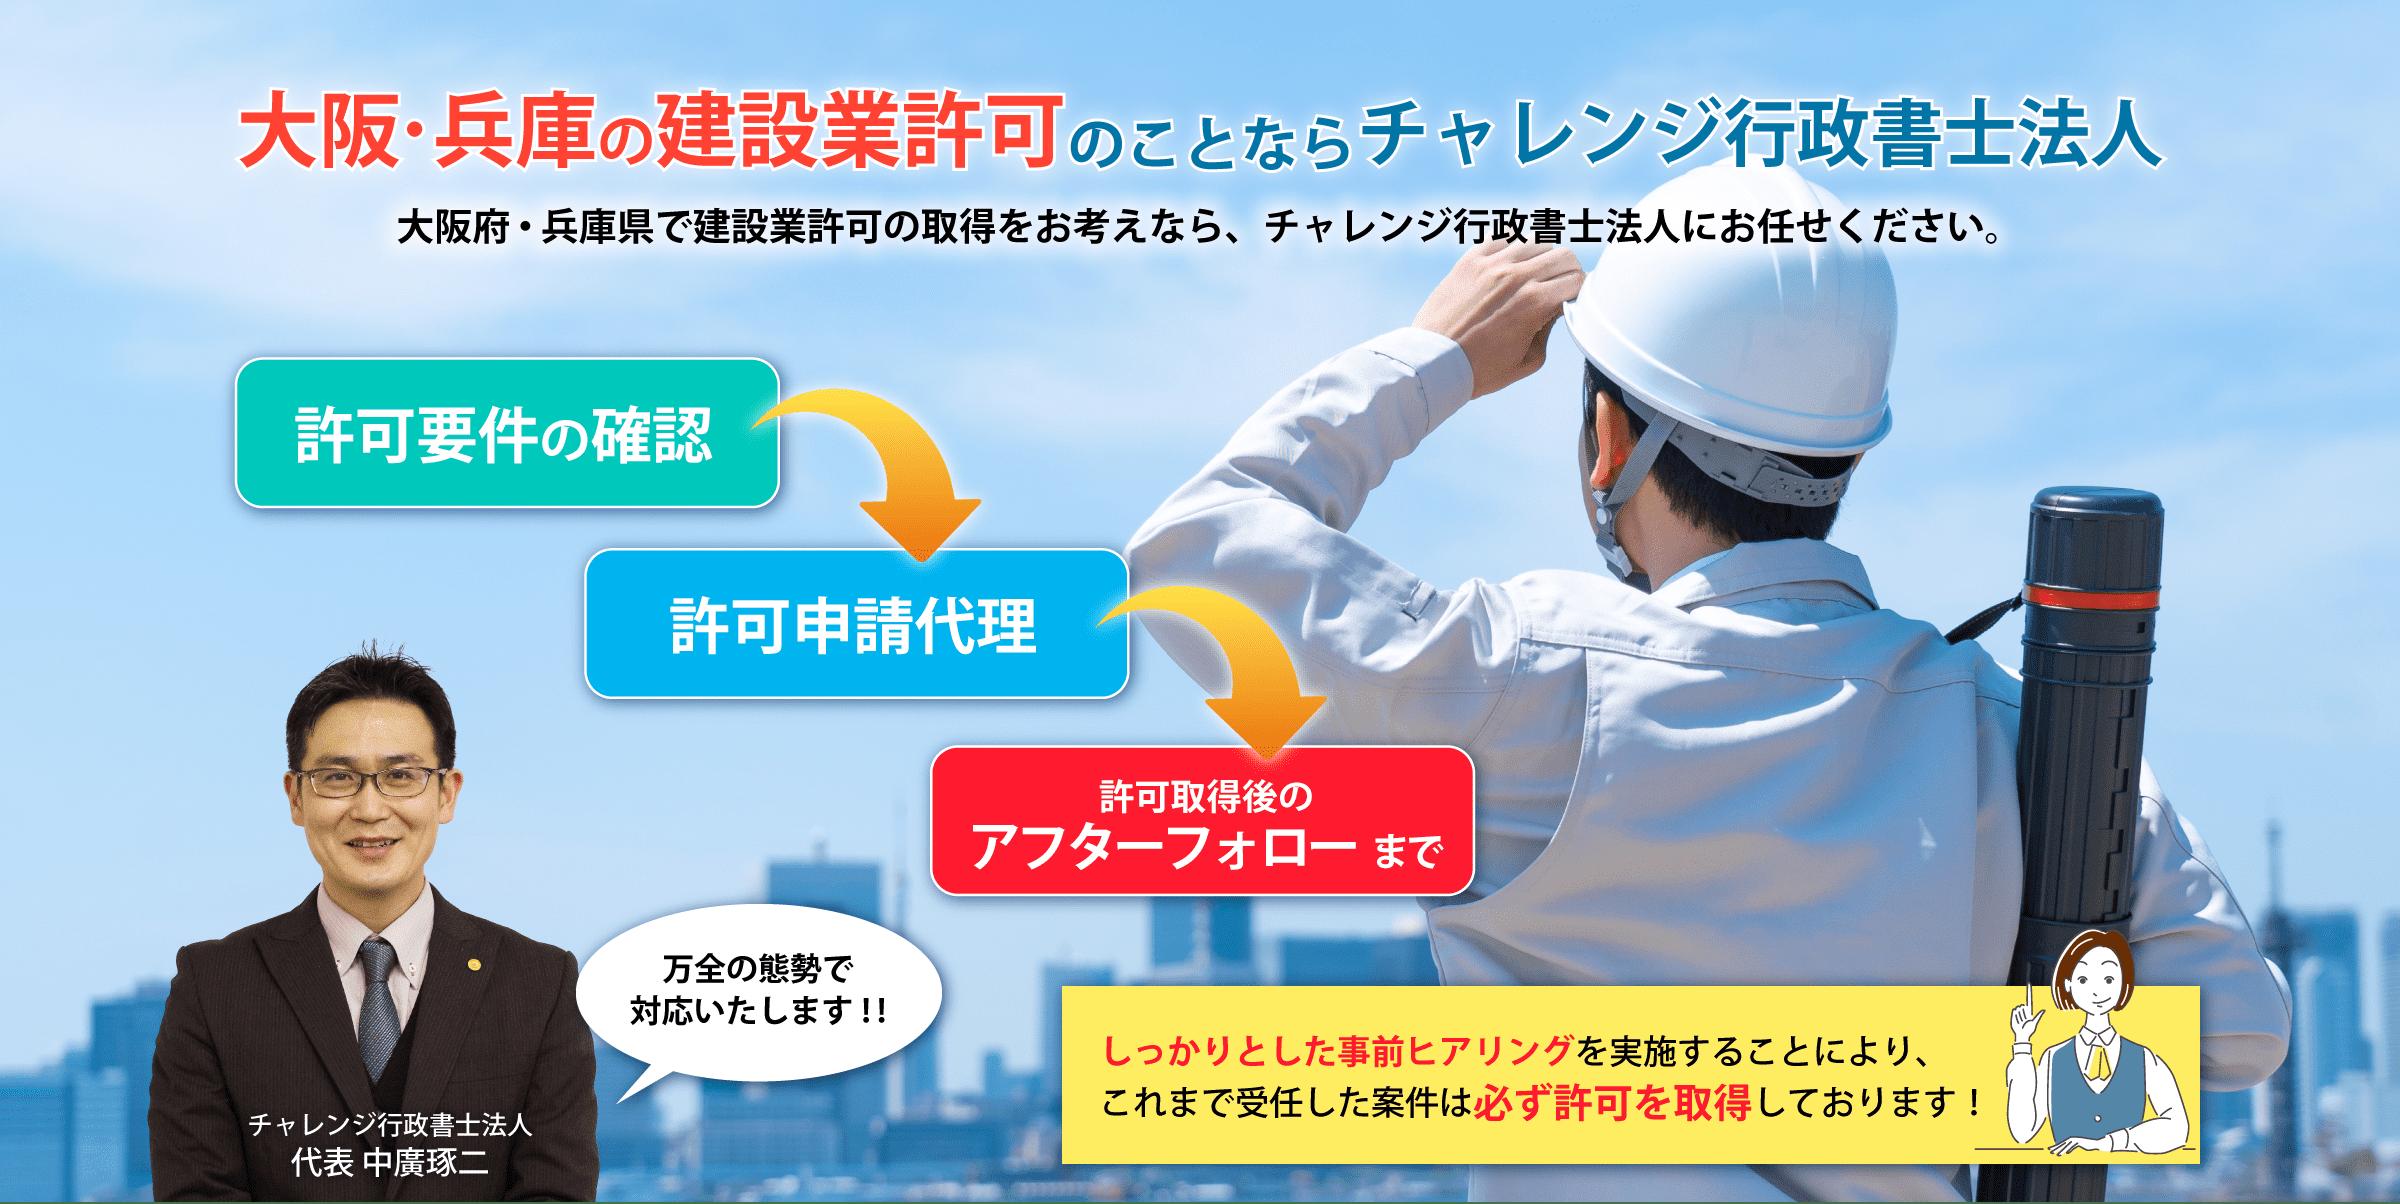 大阪・兵庫の建設業許可のことならチャレンジ行政書士法人 大阪府・兵庫県で建設業許可の取得をお考えなら、チャレンジ行政書士法人にお任せください。しっかりとした事前ヒアリングを実施することにより、これまで受任した案件は必ず許可を取得しております!